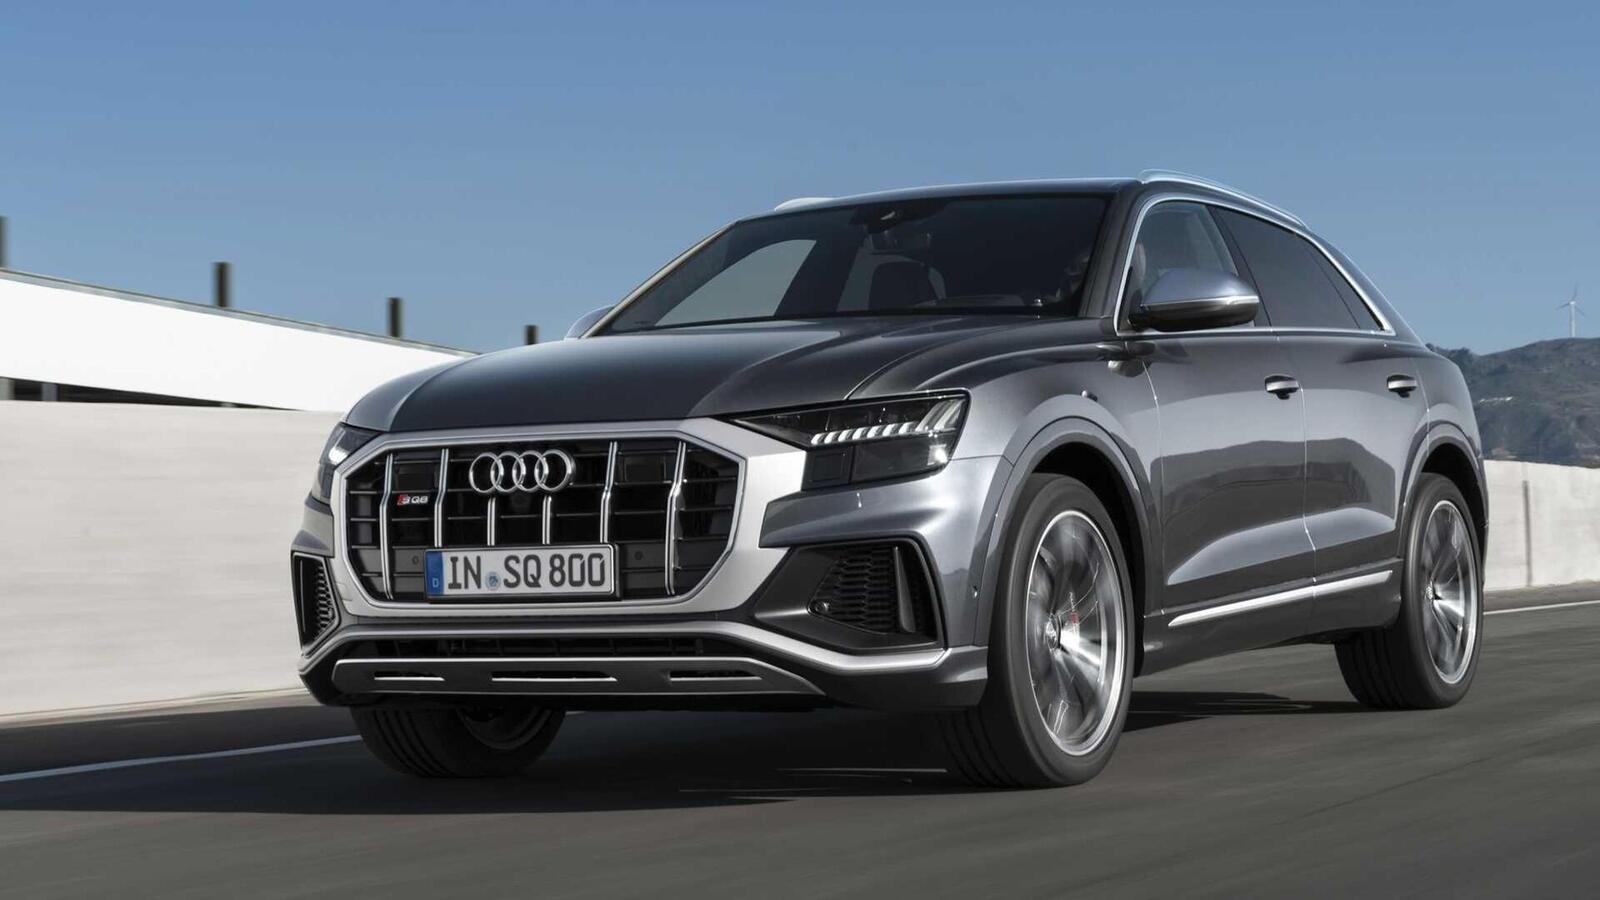 Audi SQ8 ra mắt lắp máy dầu V8 4.0L mild hybrid mạnh 429 mã lực - Hình 16